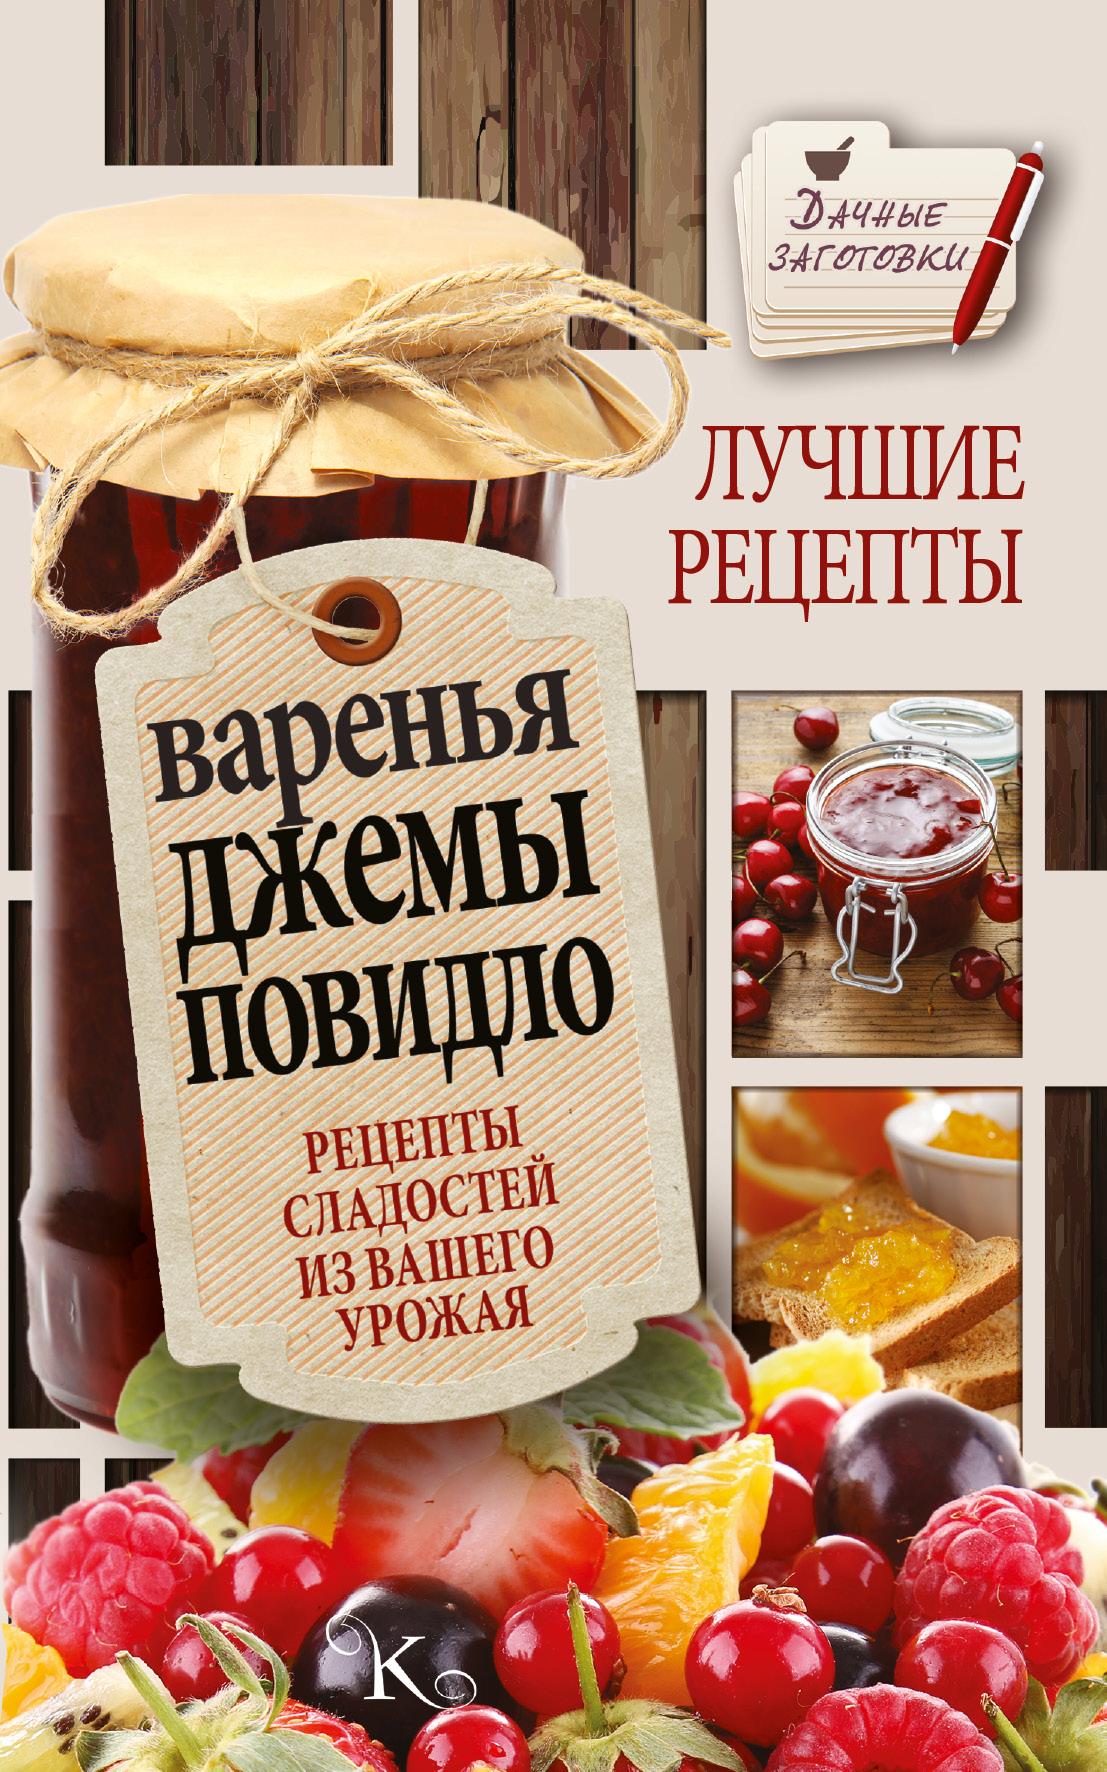 Галина Кизима Варенья, джемы, повидло. Лучшие рецепты сладостей из вашего урожая кизима г варенья джемы повидло рецепты сладостей из вашего урожая